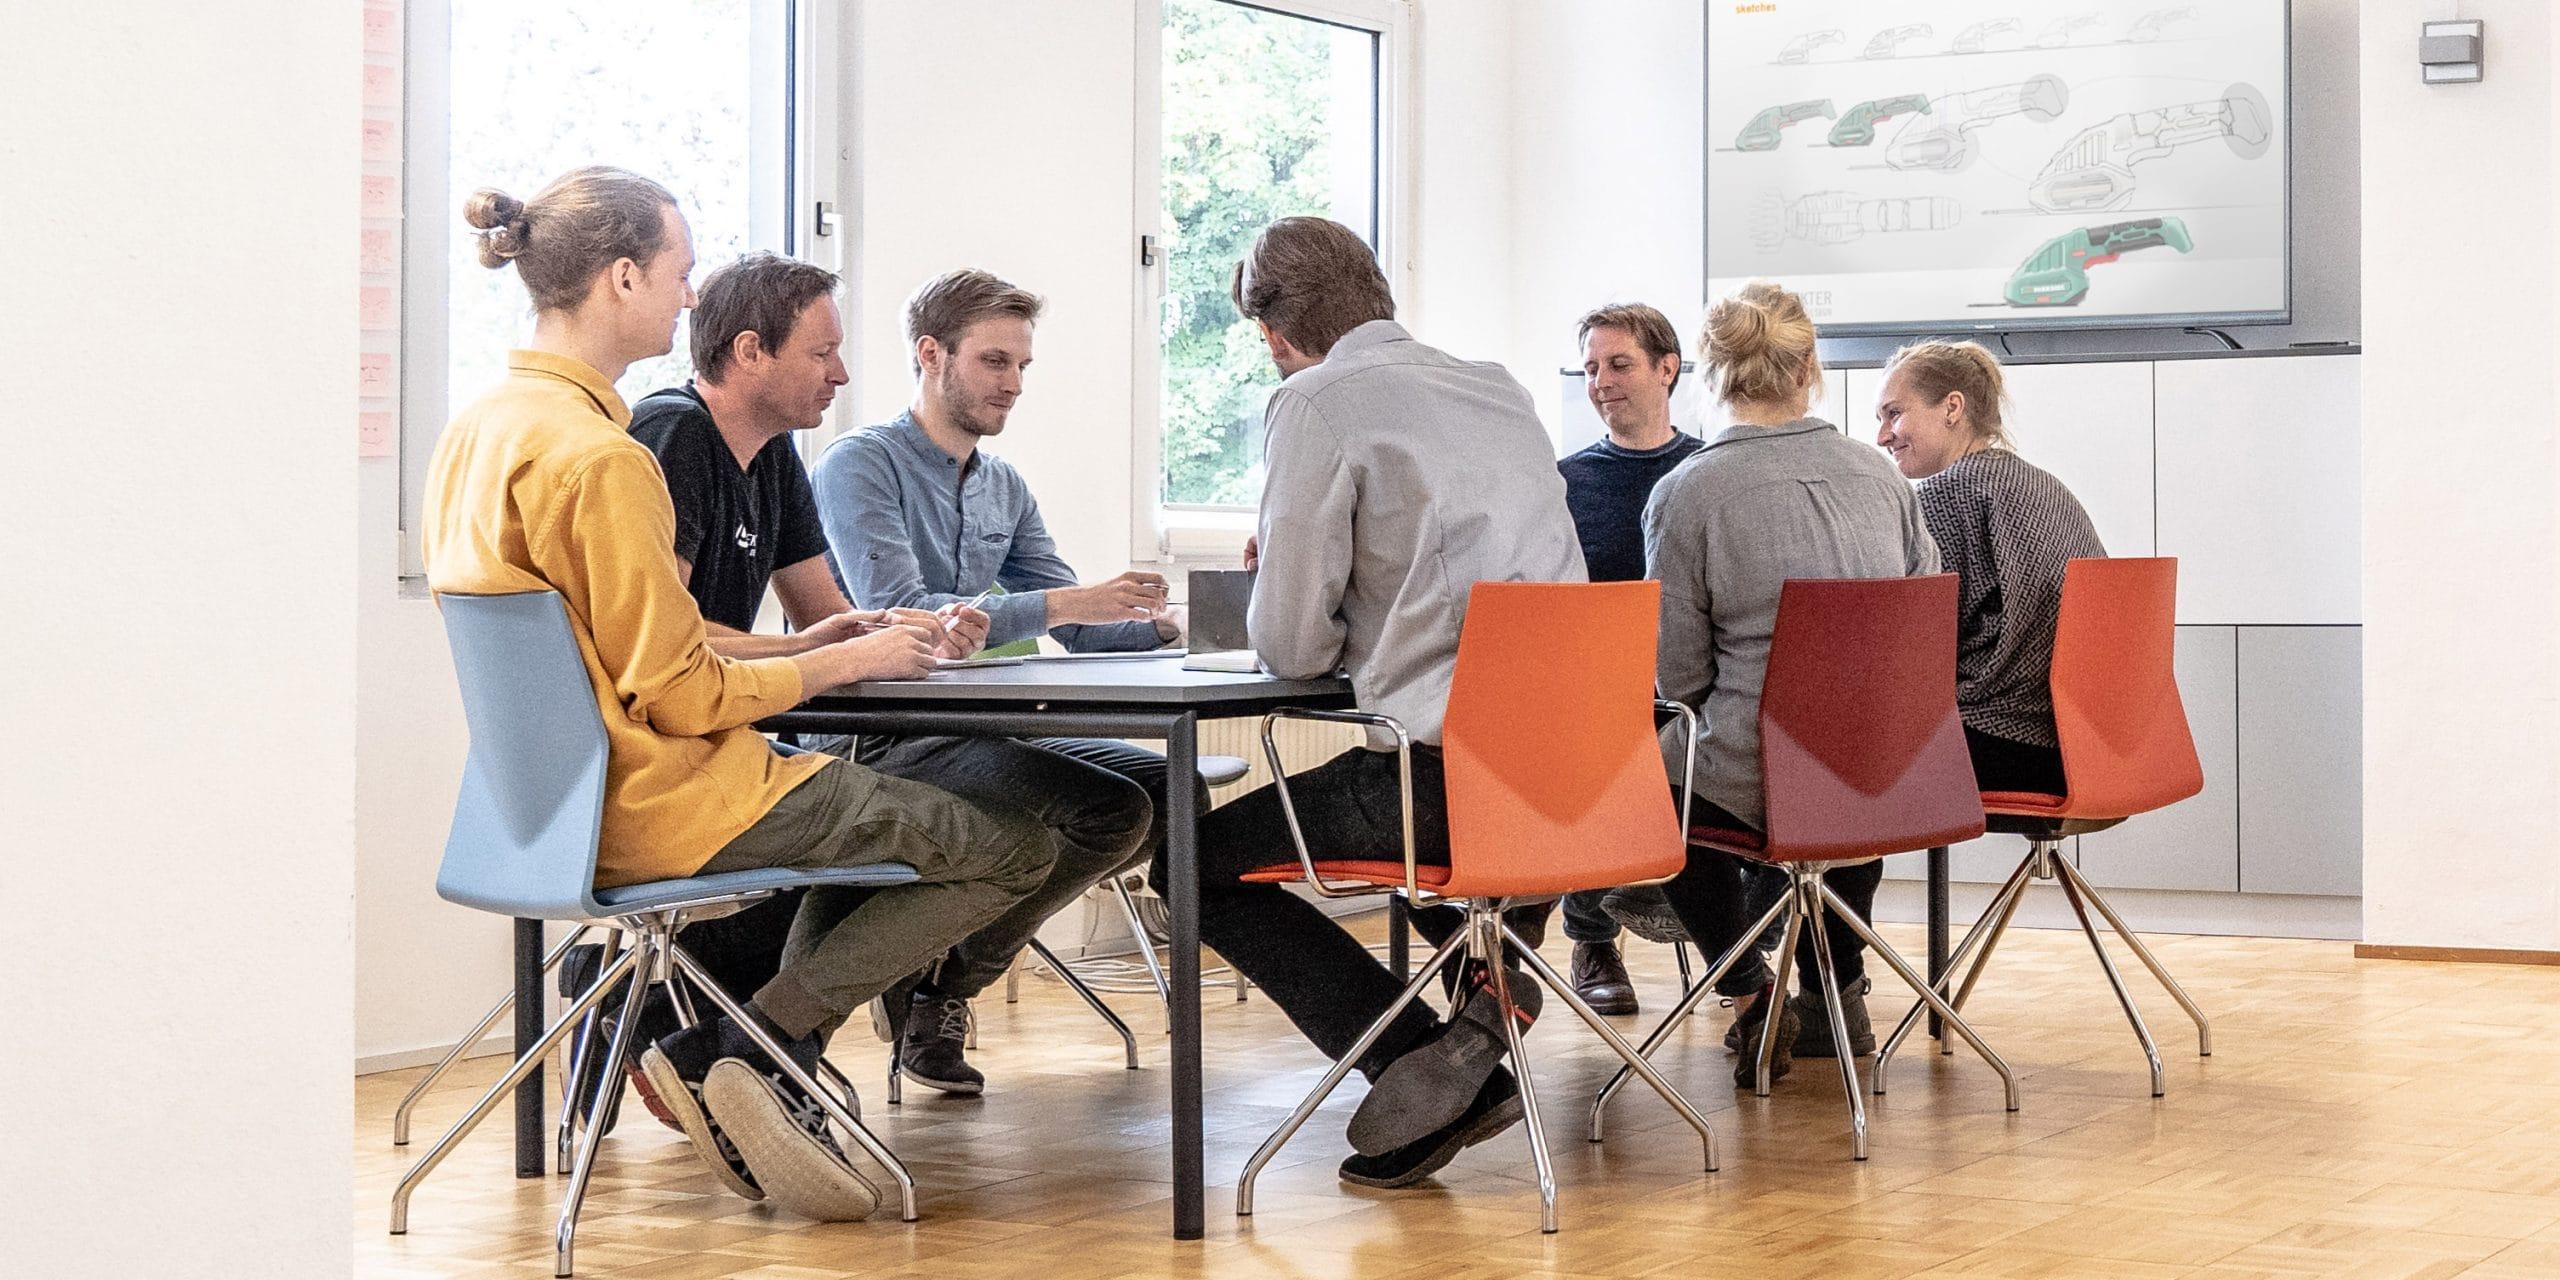 projekter_büro_industrial_design_besprechung_team